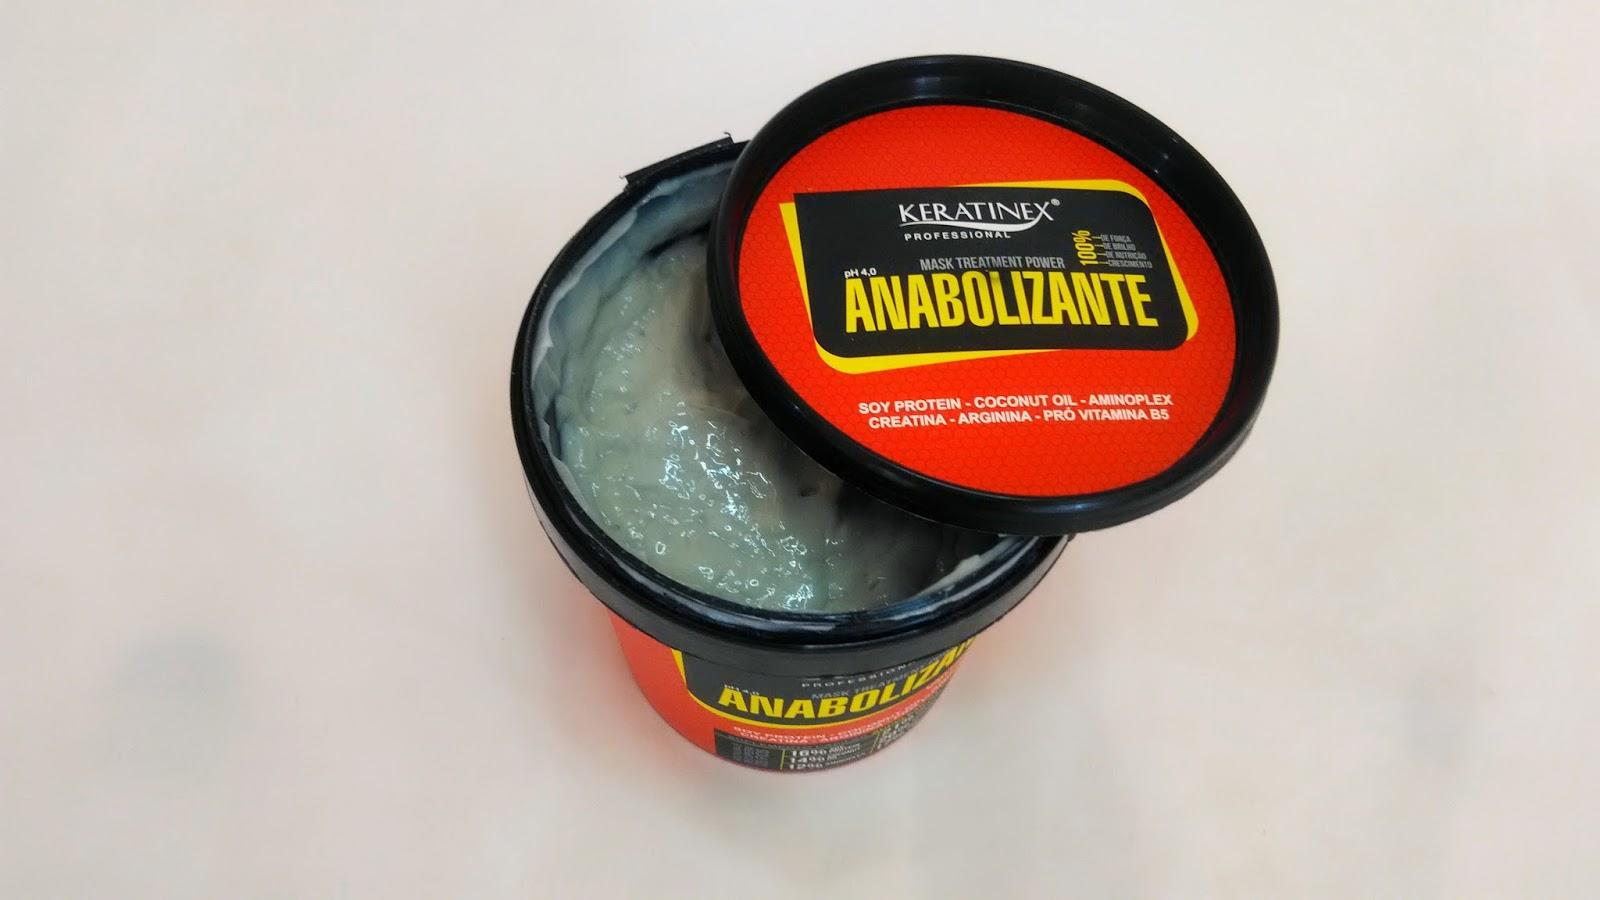 anabolizante keratinex